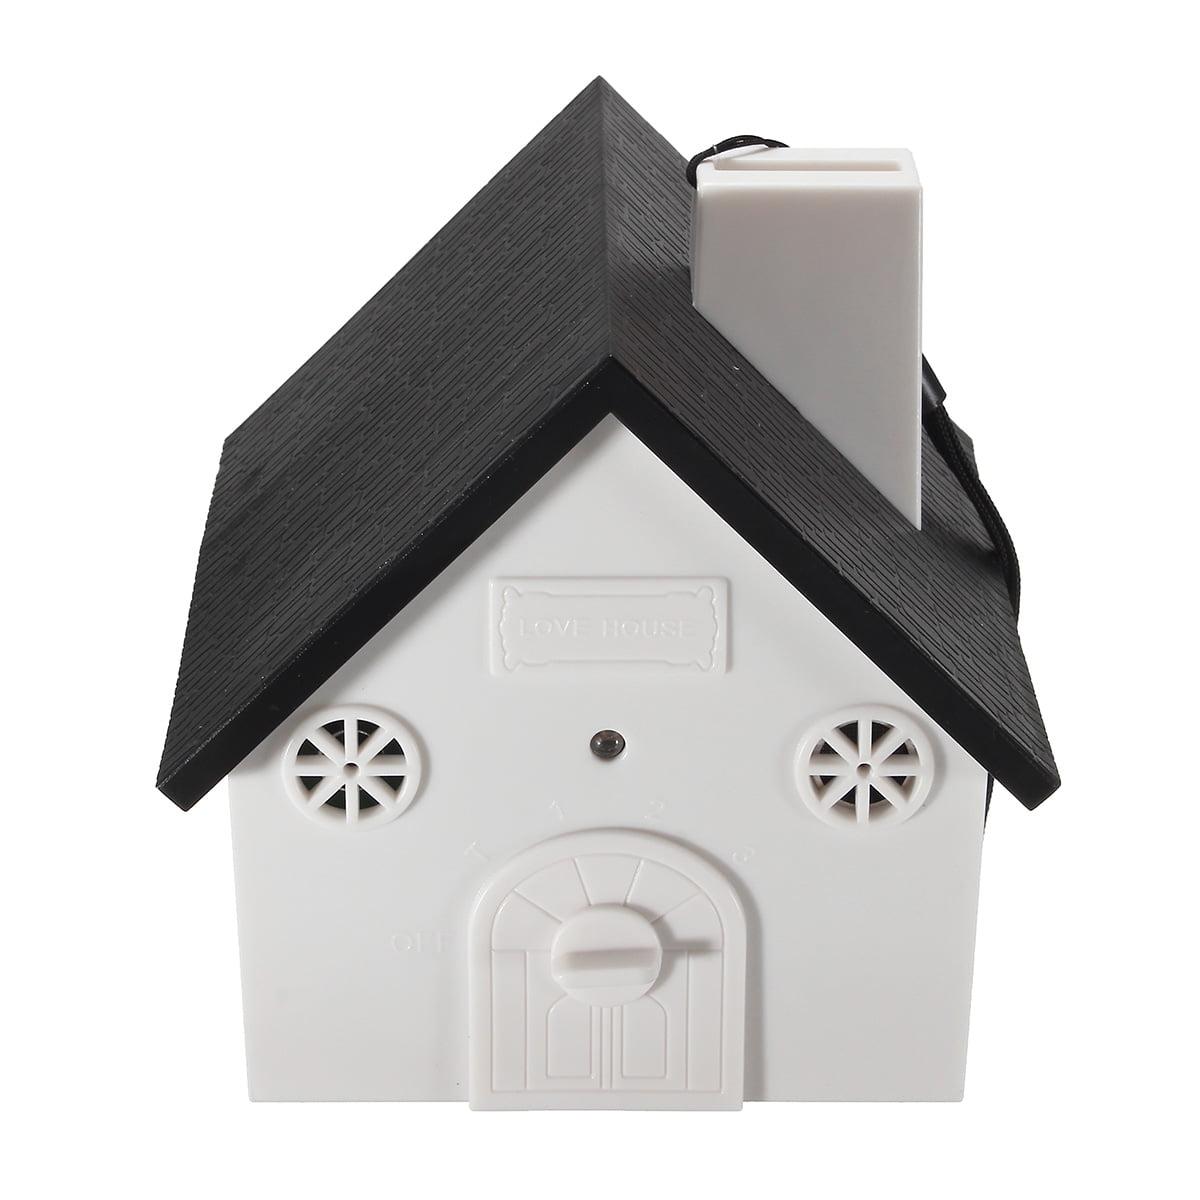 Ultrasonic Birdhouse Bark Control Anti Bark Device for Do...